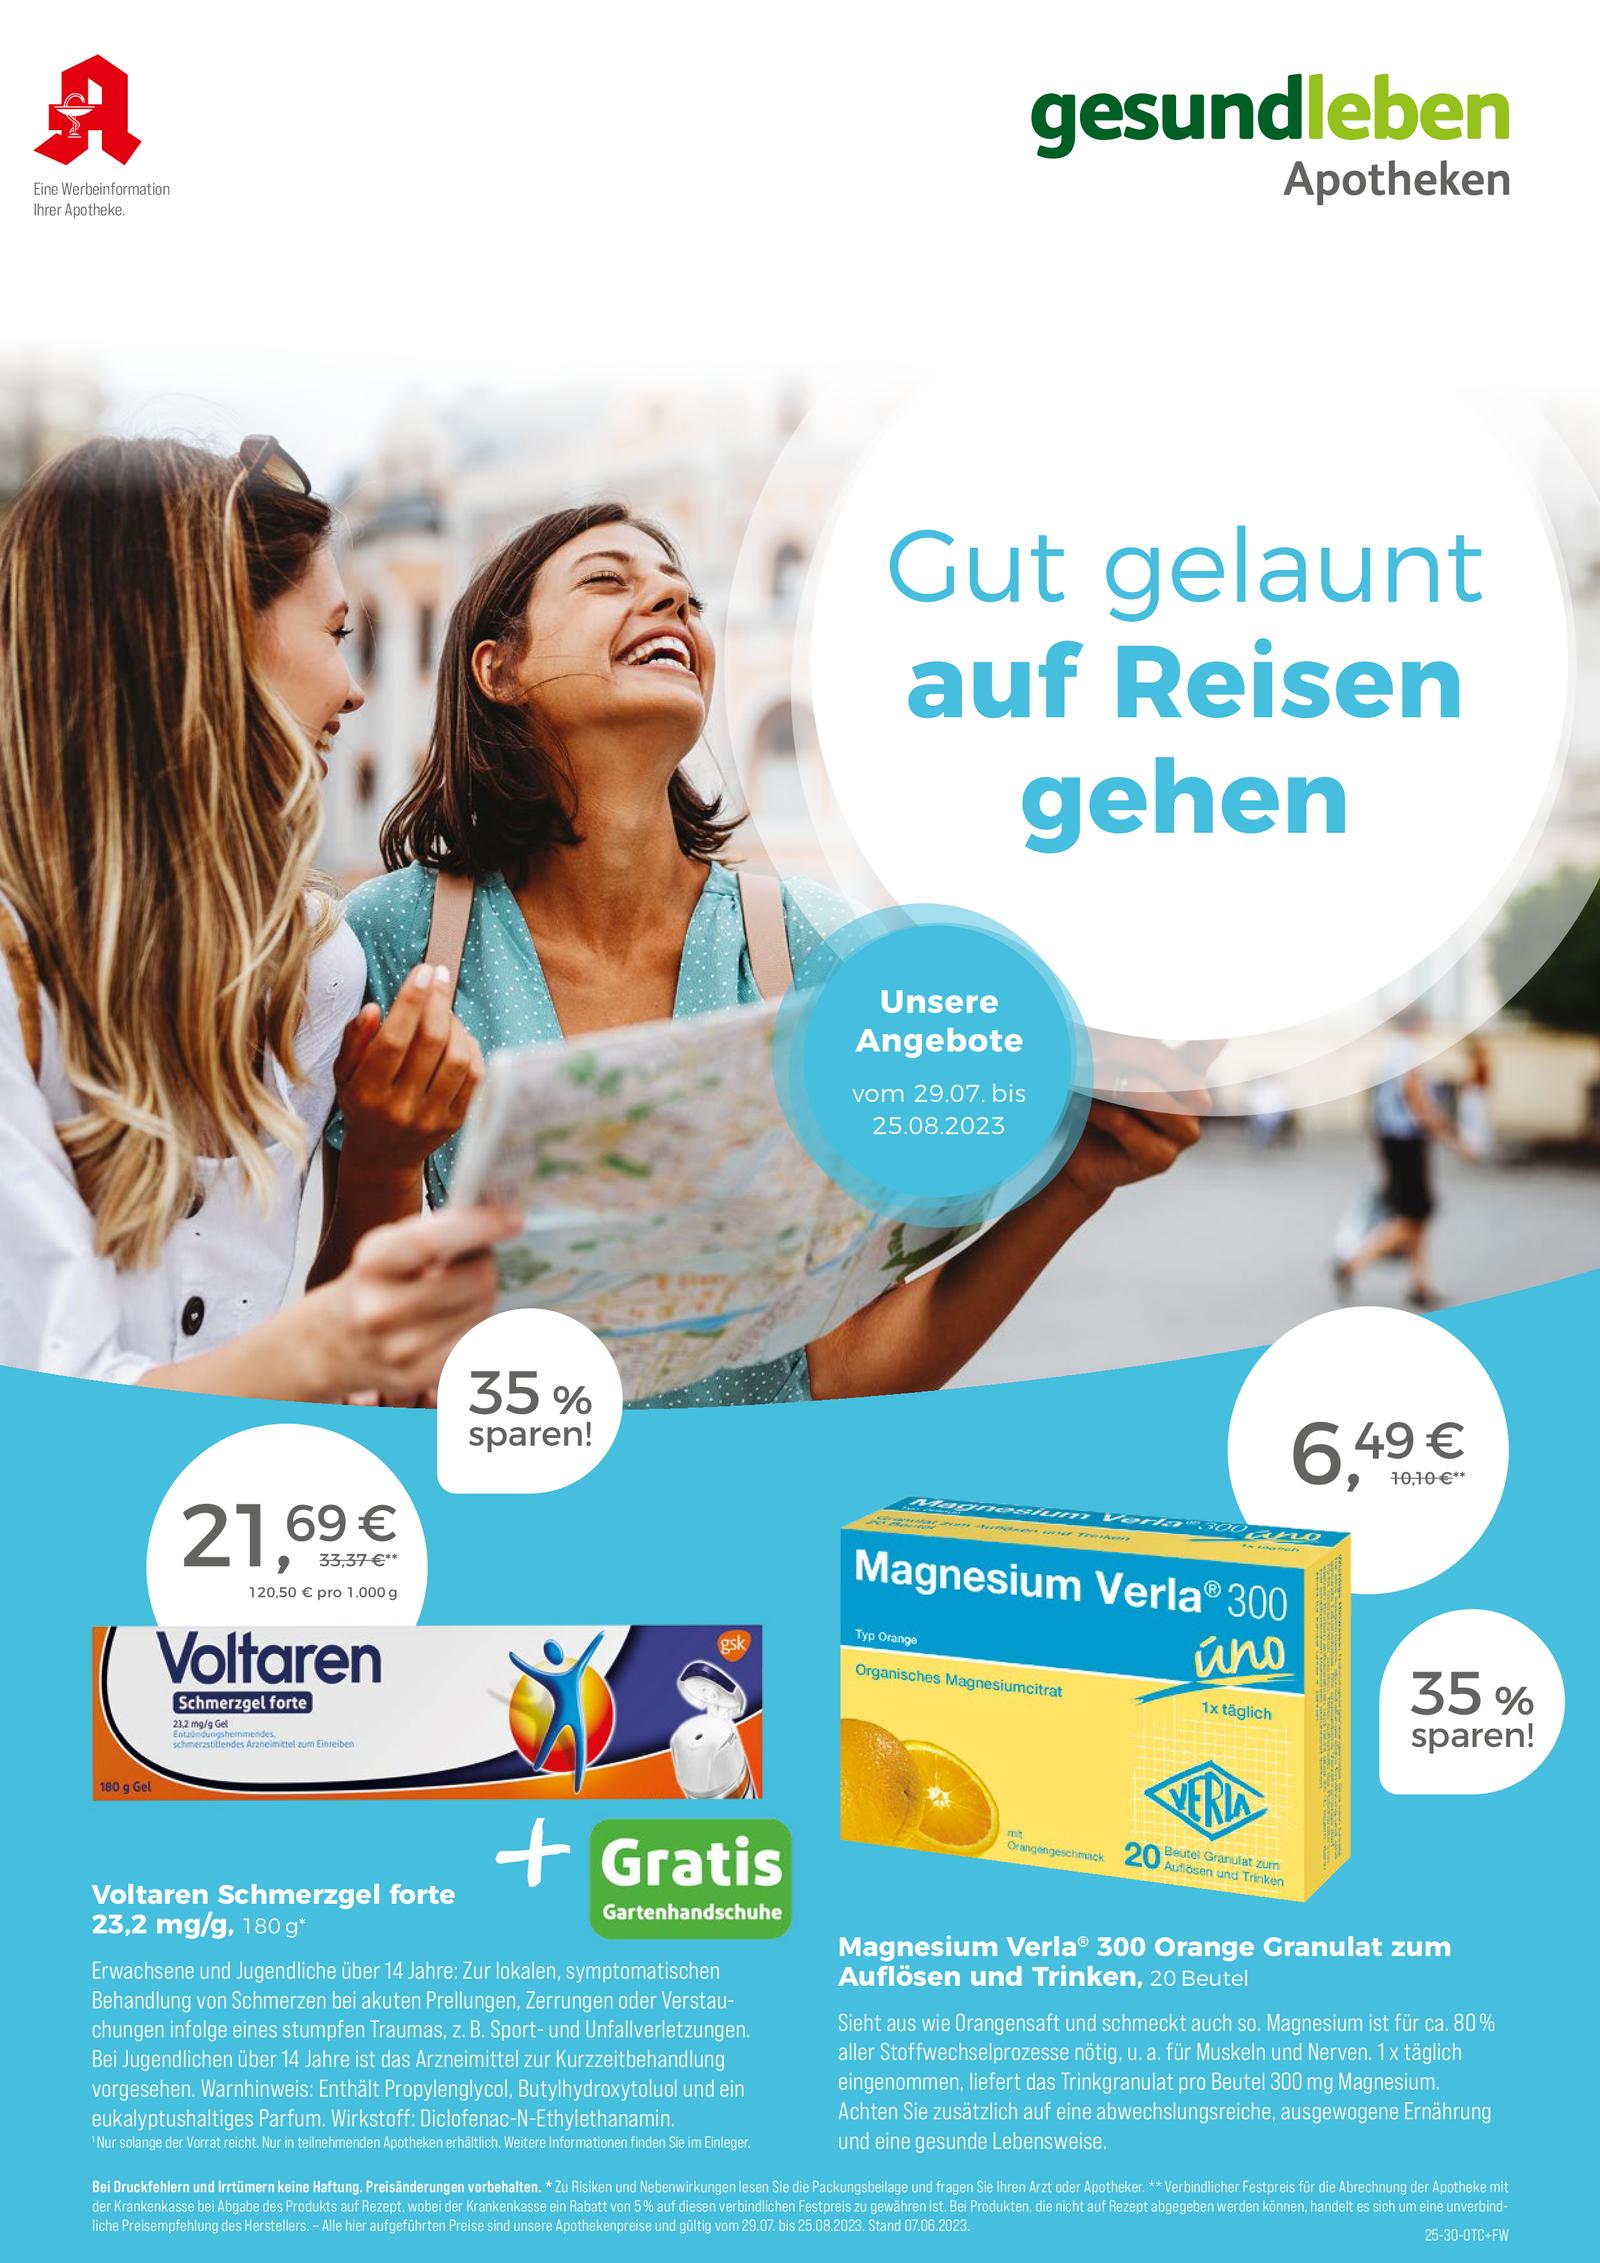 https://mein-uploads.apocdn.net/1003/leaflets/gesundleben_hoch-Seite1.png